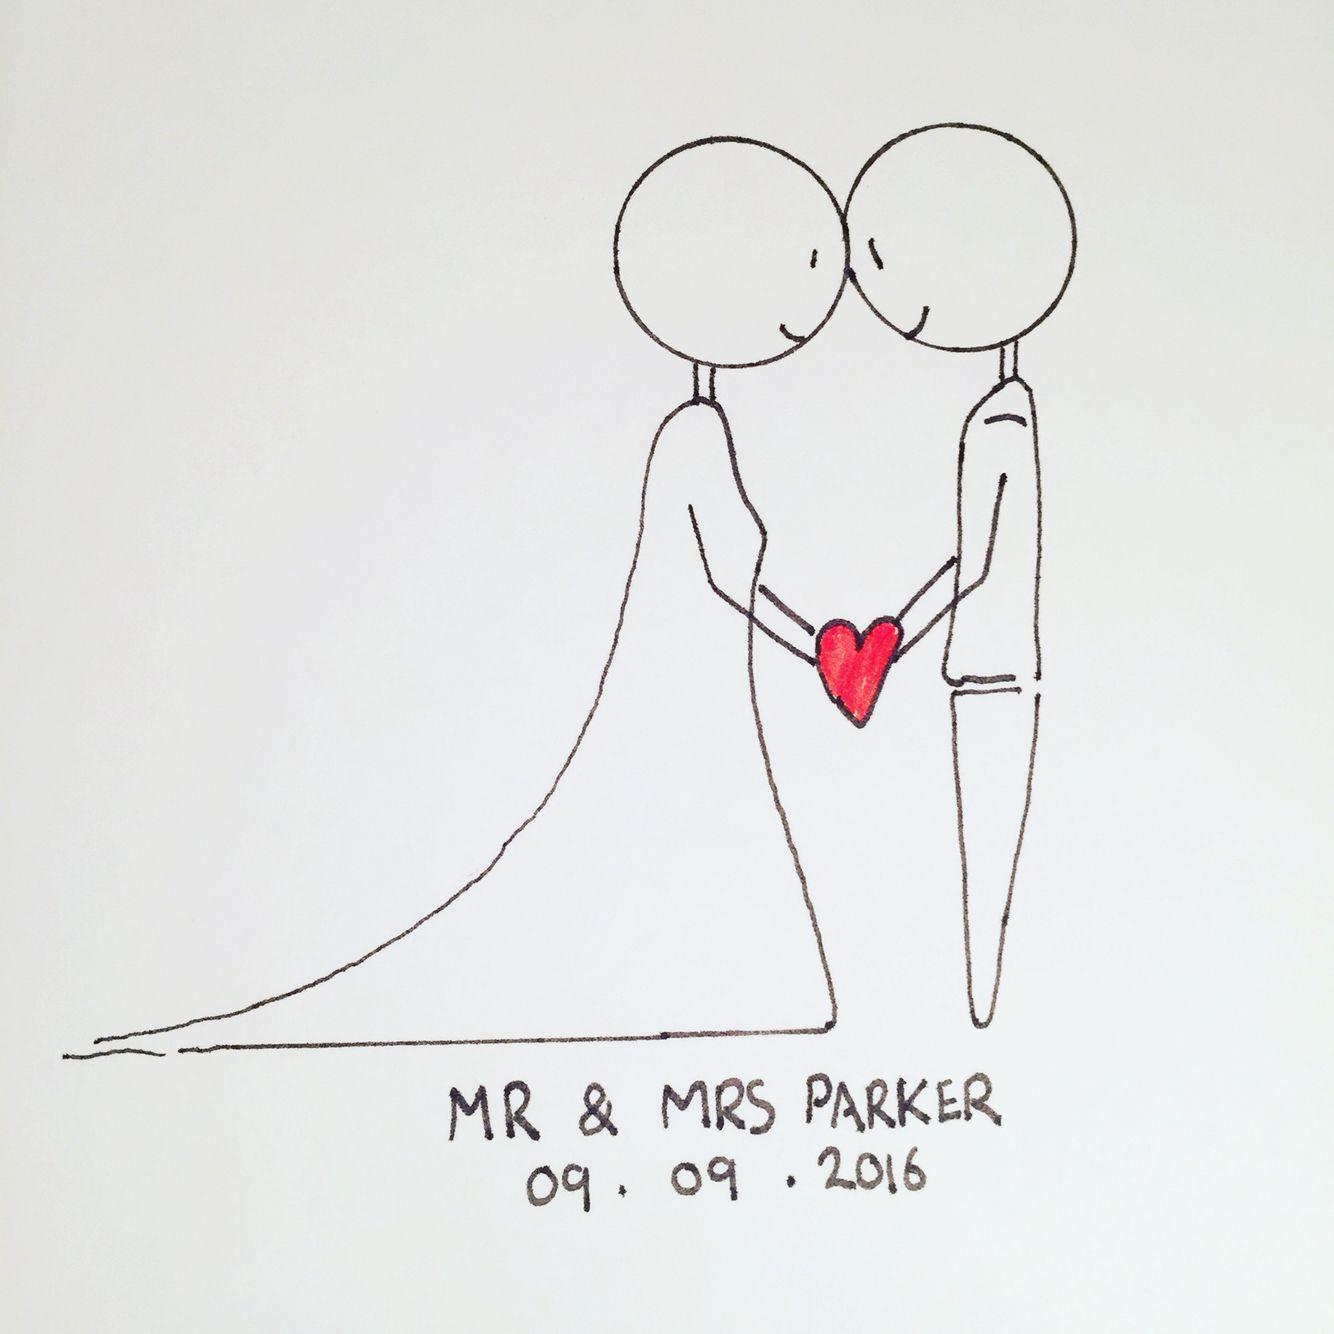 förslag på födelsedagskort Stick man wedding card drawing. | kort förslag/vikning | Pinterest  förslag på födelsedagskort